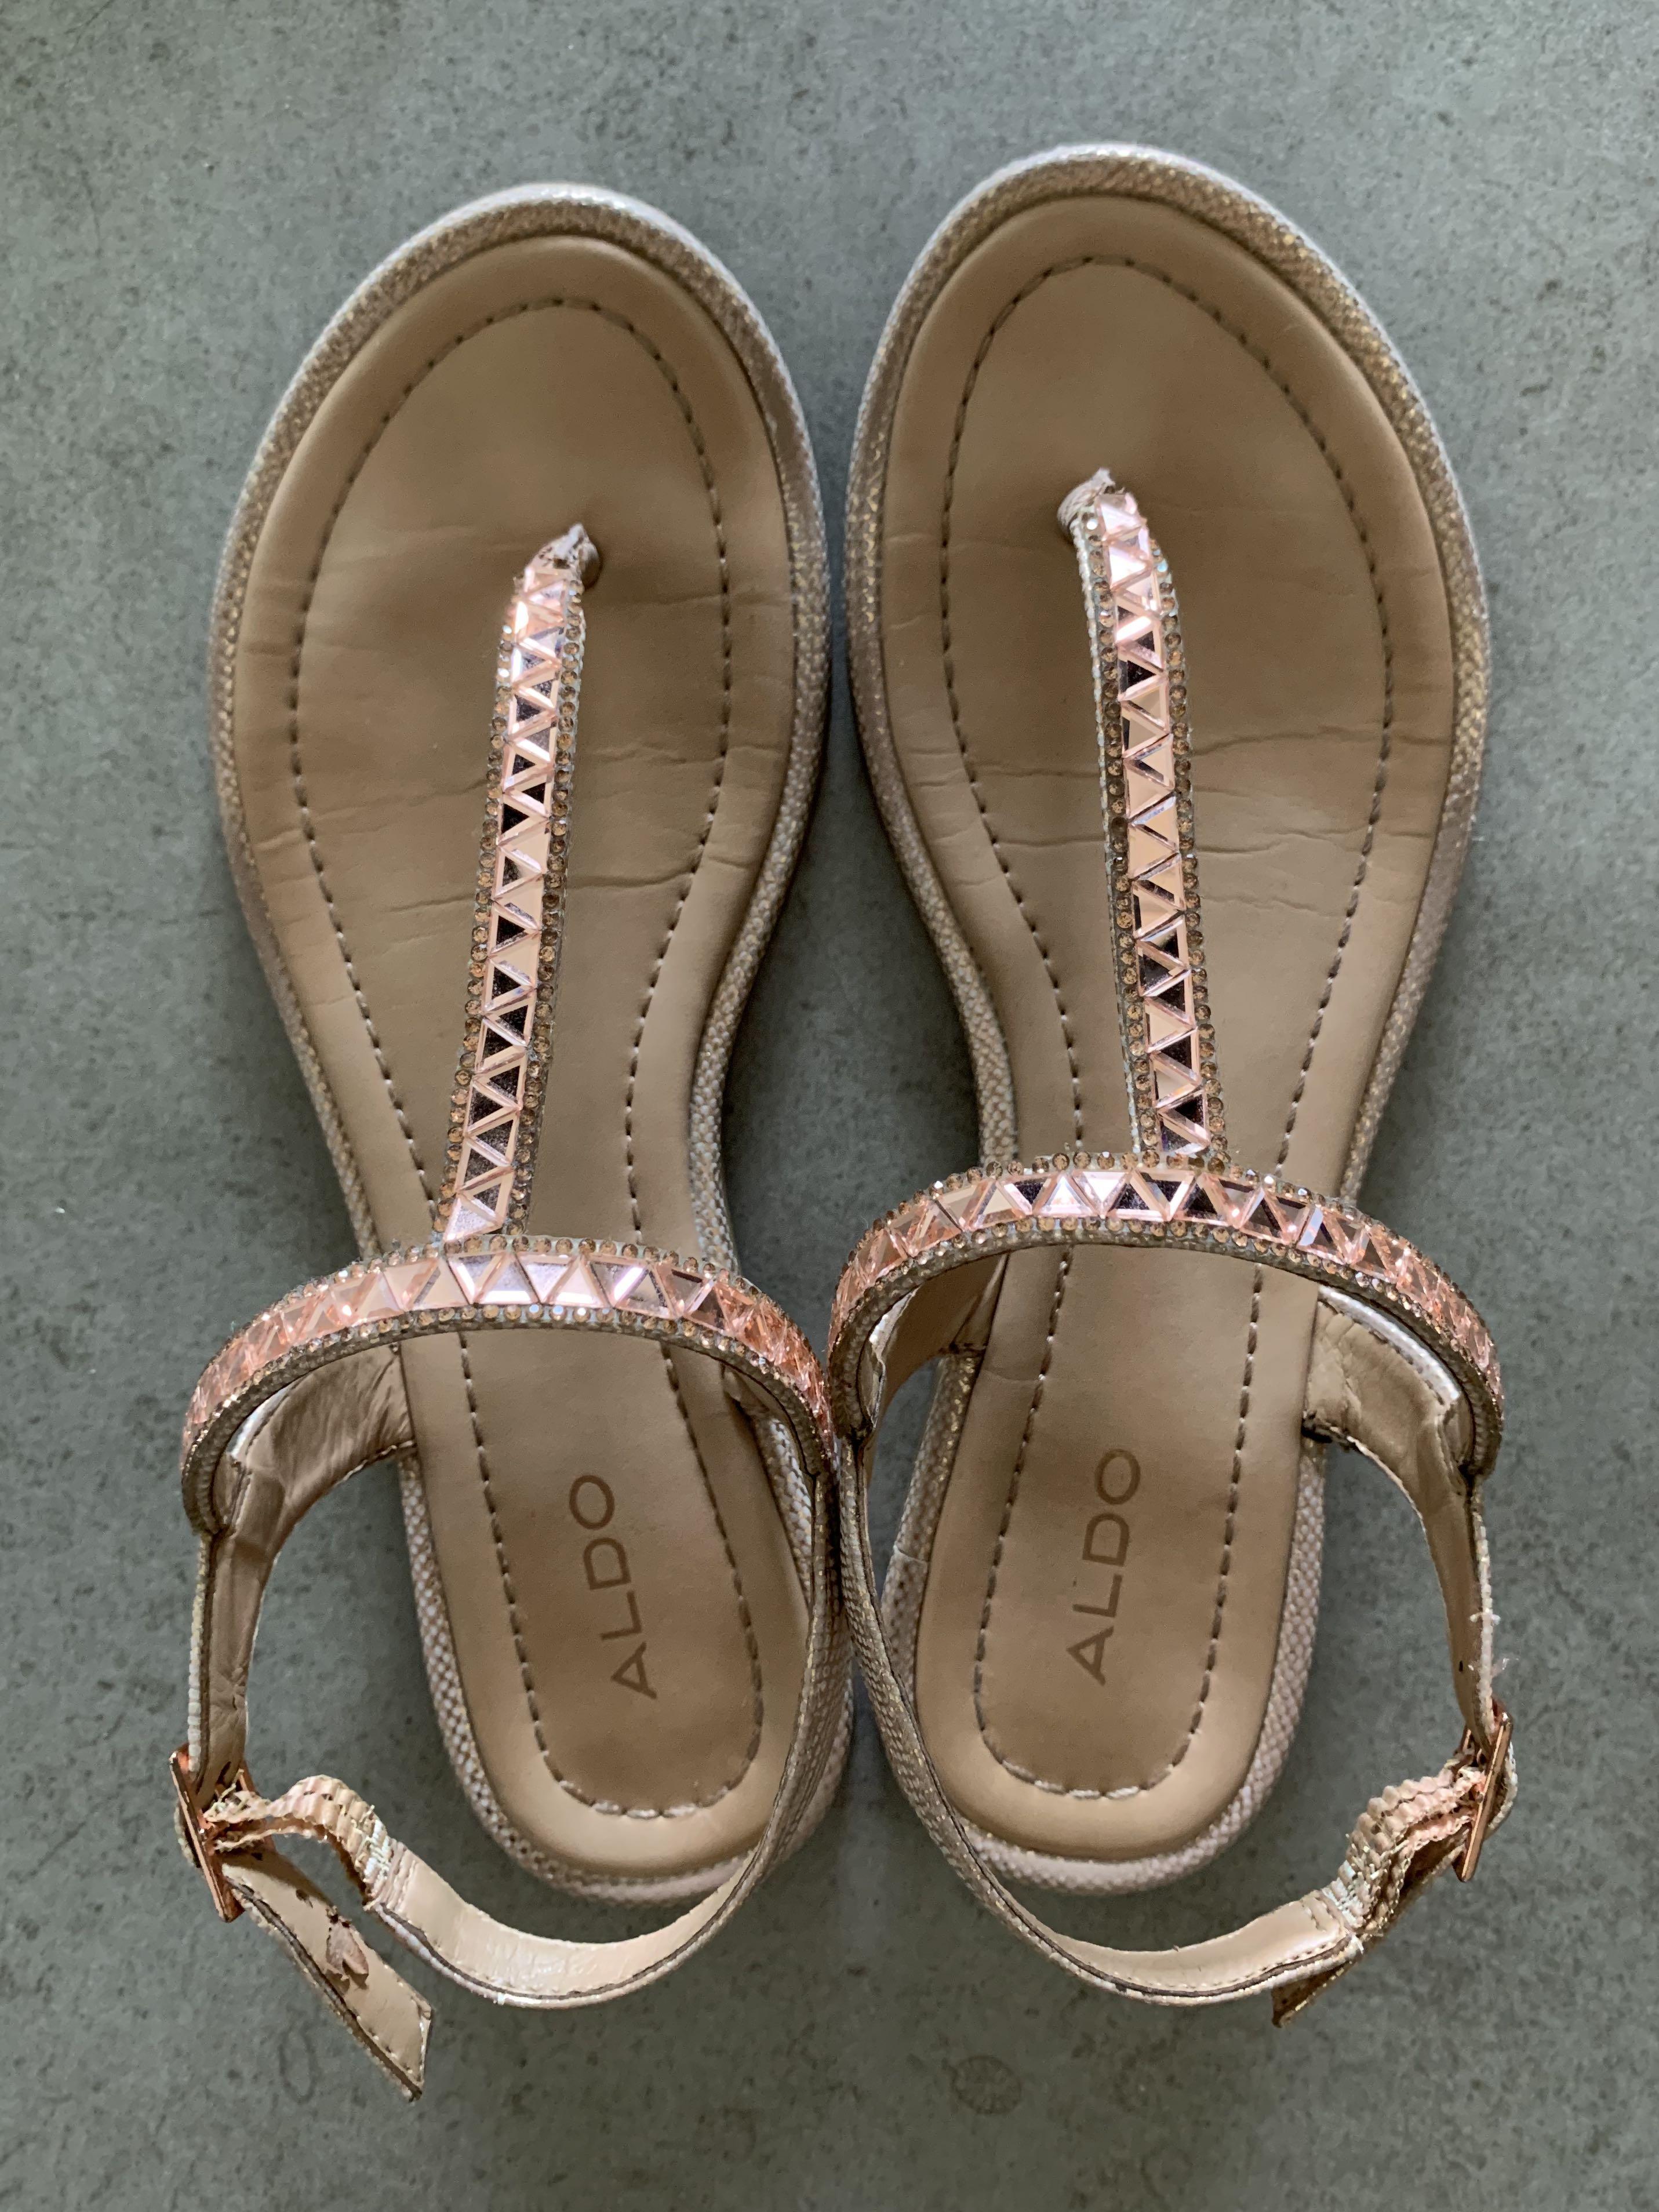 Aldo sparkly peach sandals, Women's